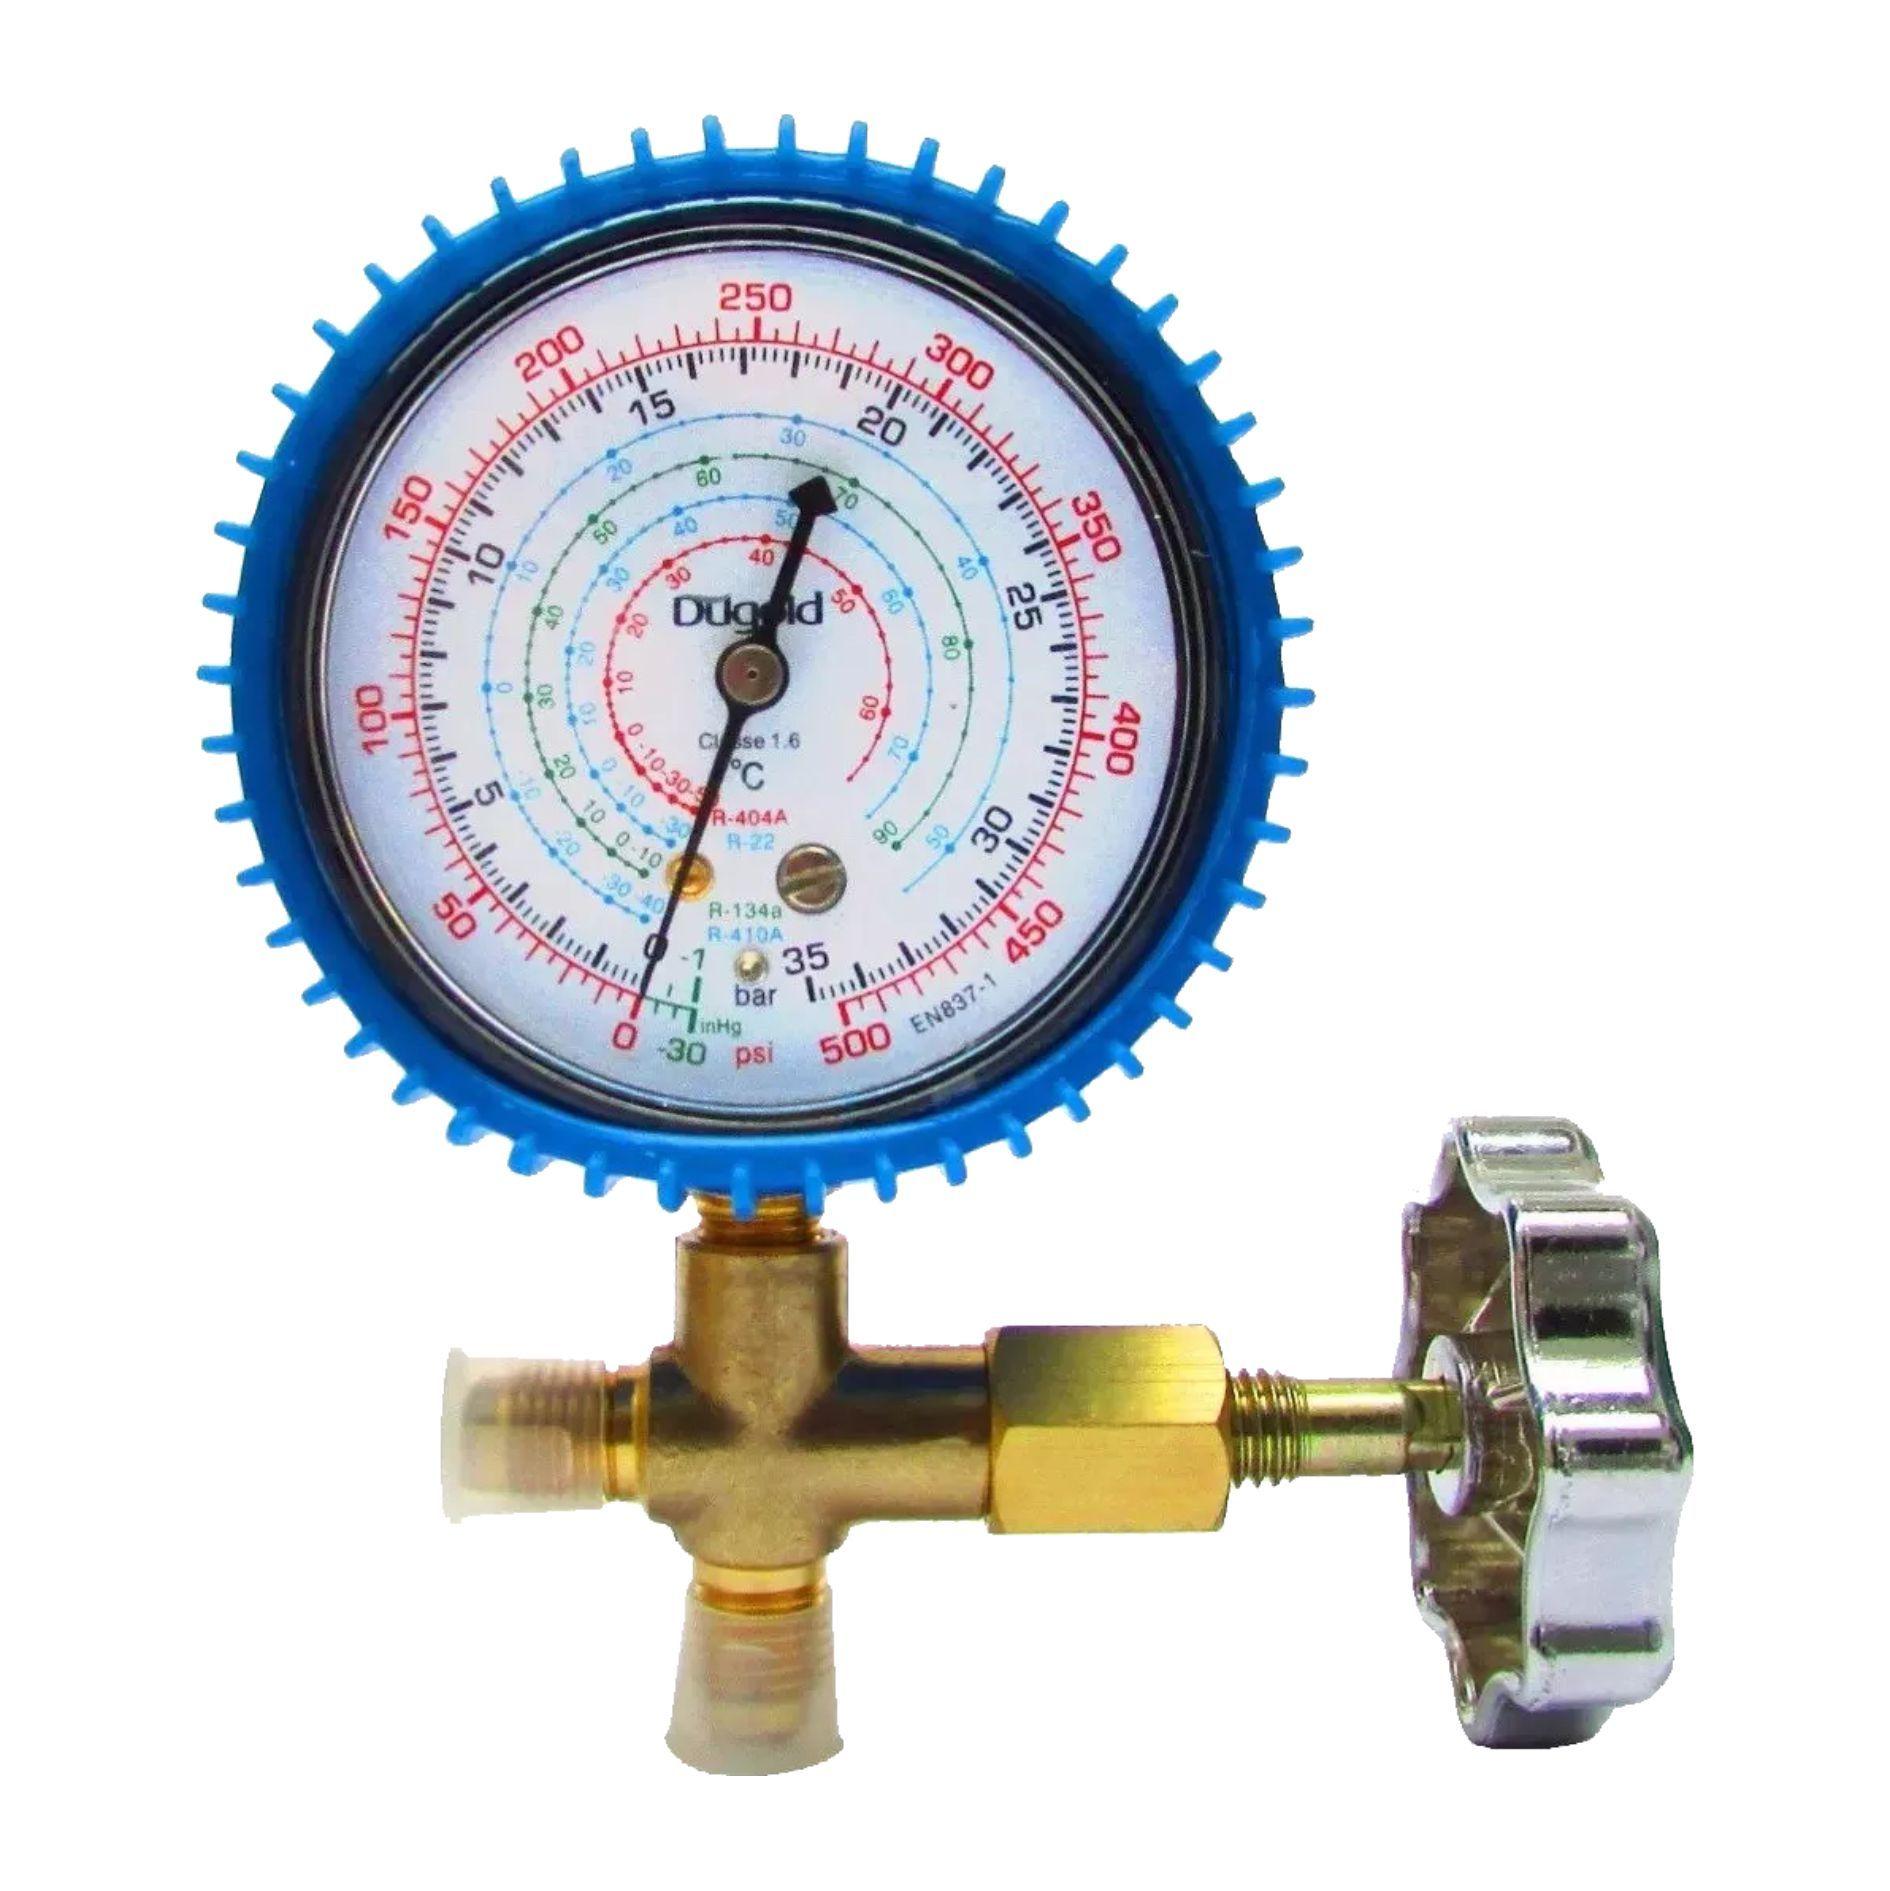 Manômetro de Baixa Simples com Válvula Dugold  R22 / R134a / R410a